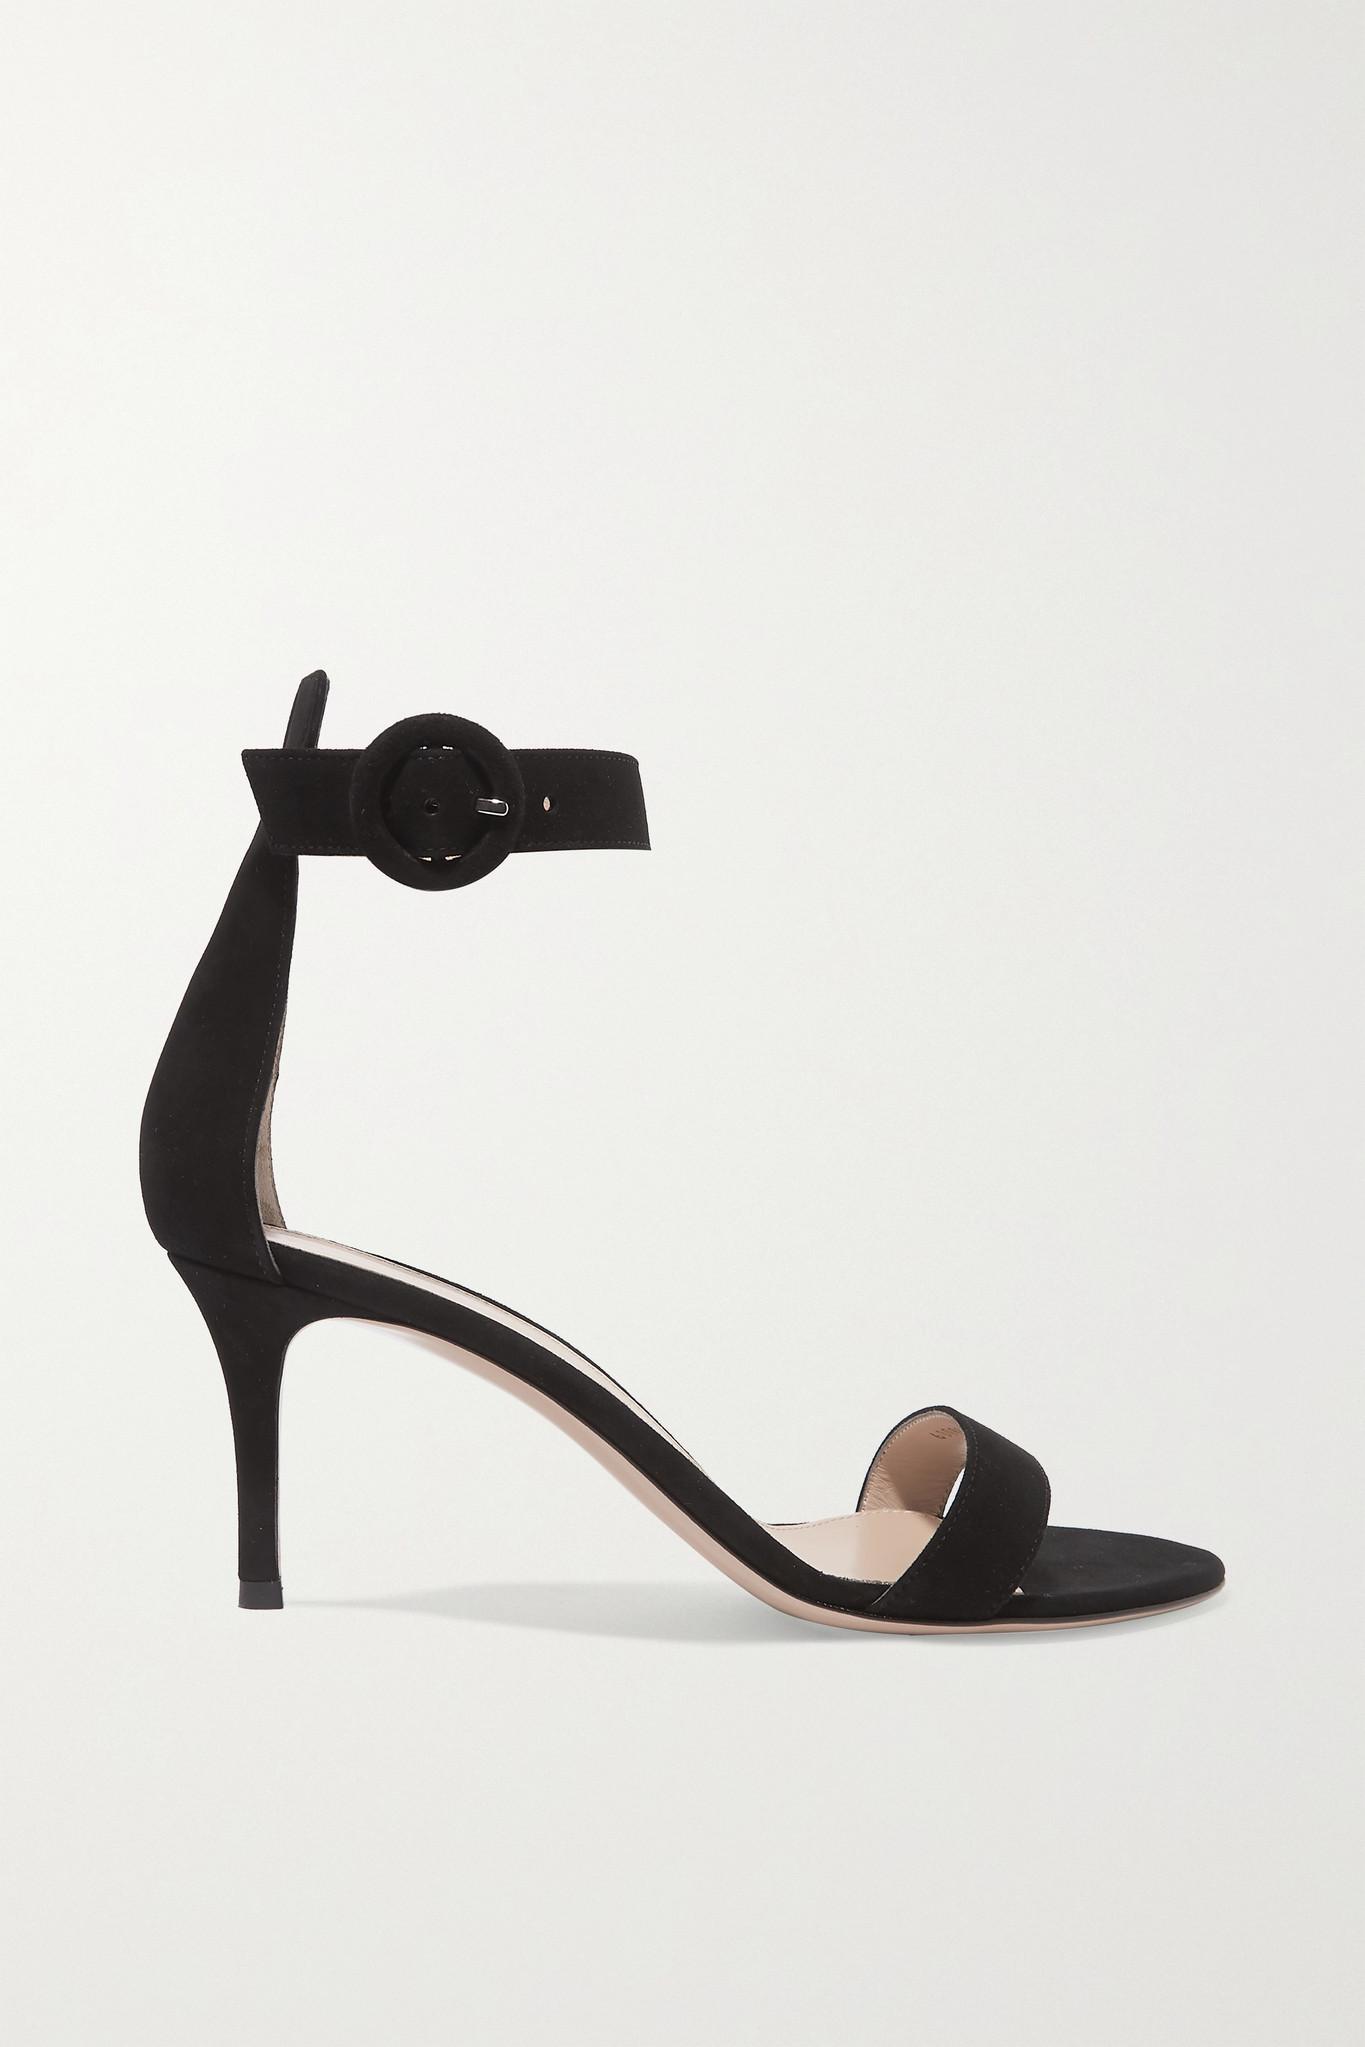 GIANVITO ROSSI - Portofino 70 绒面革凉鞋 - 黑色 - IT34